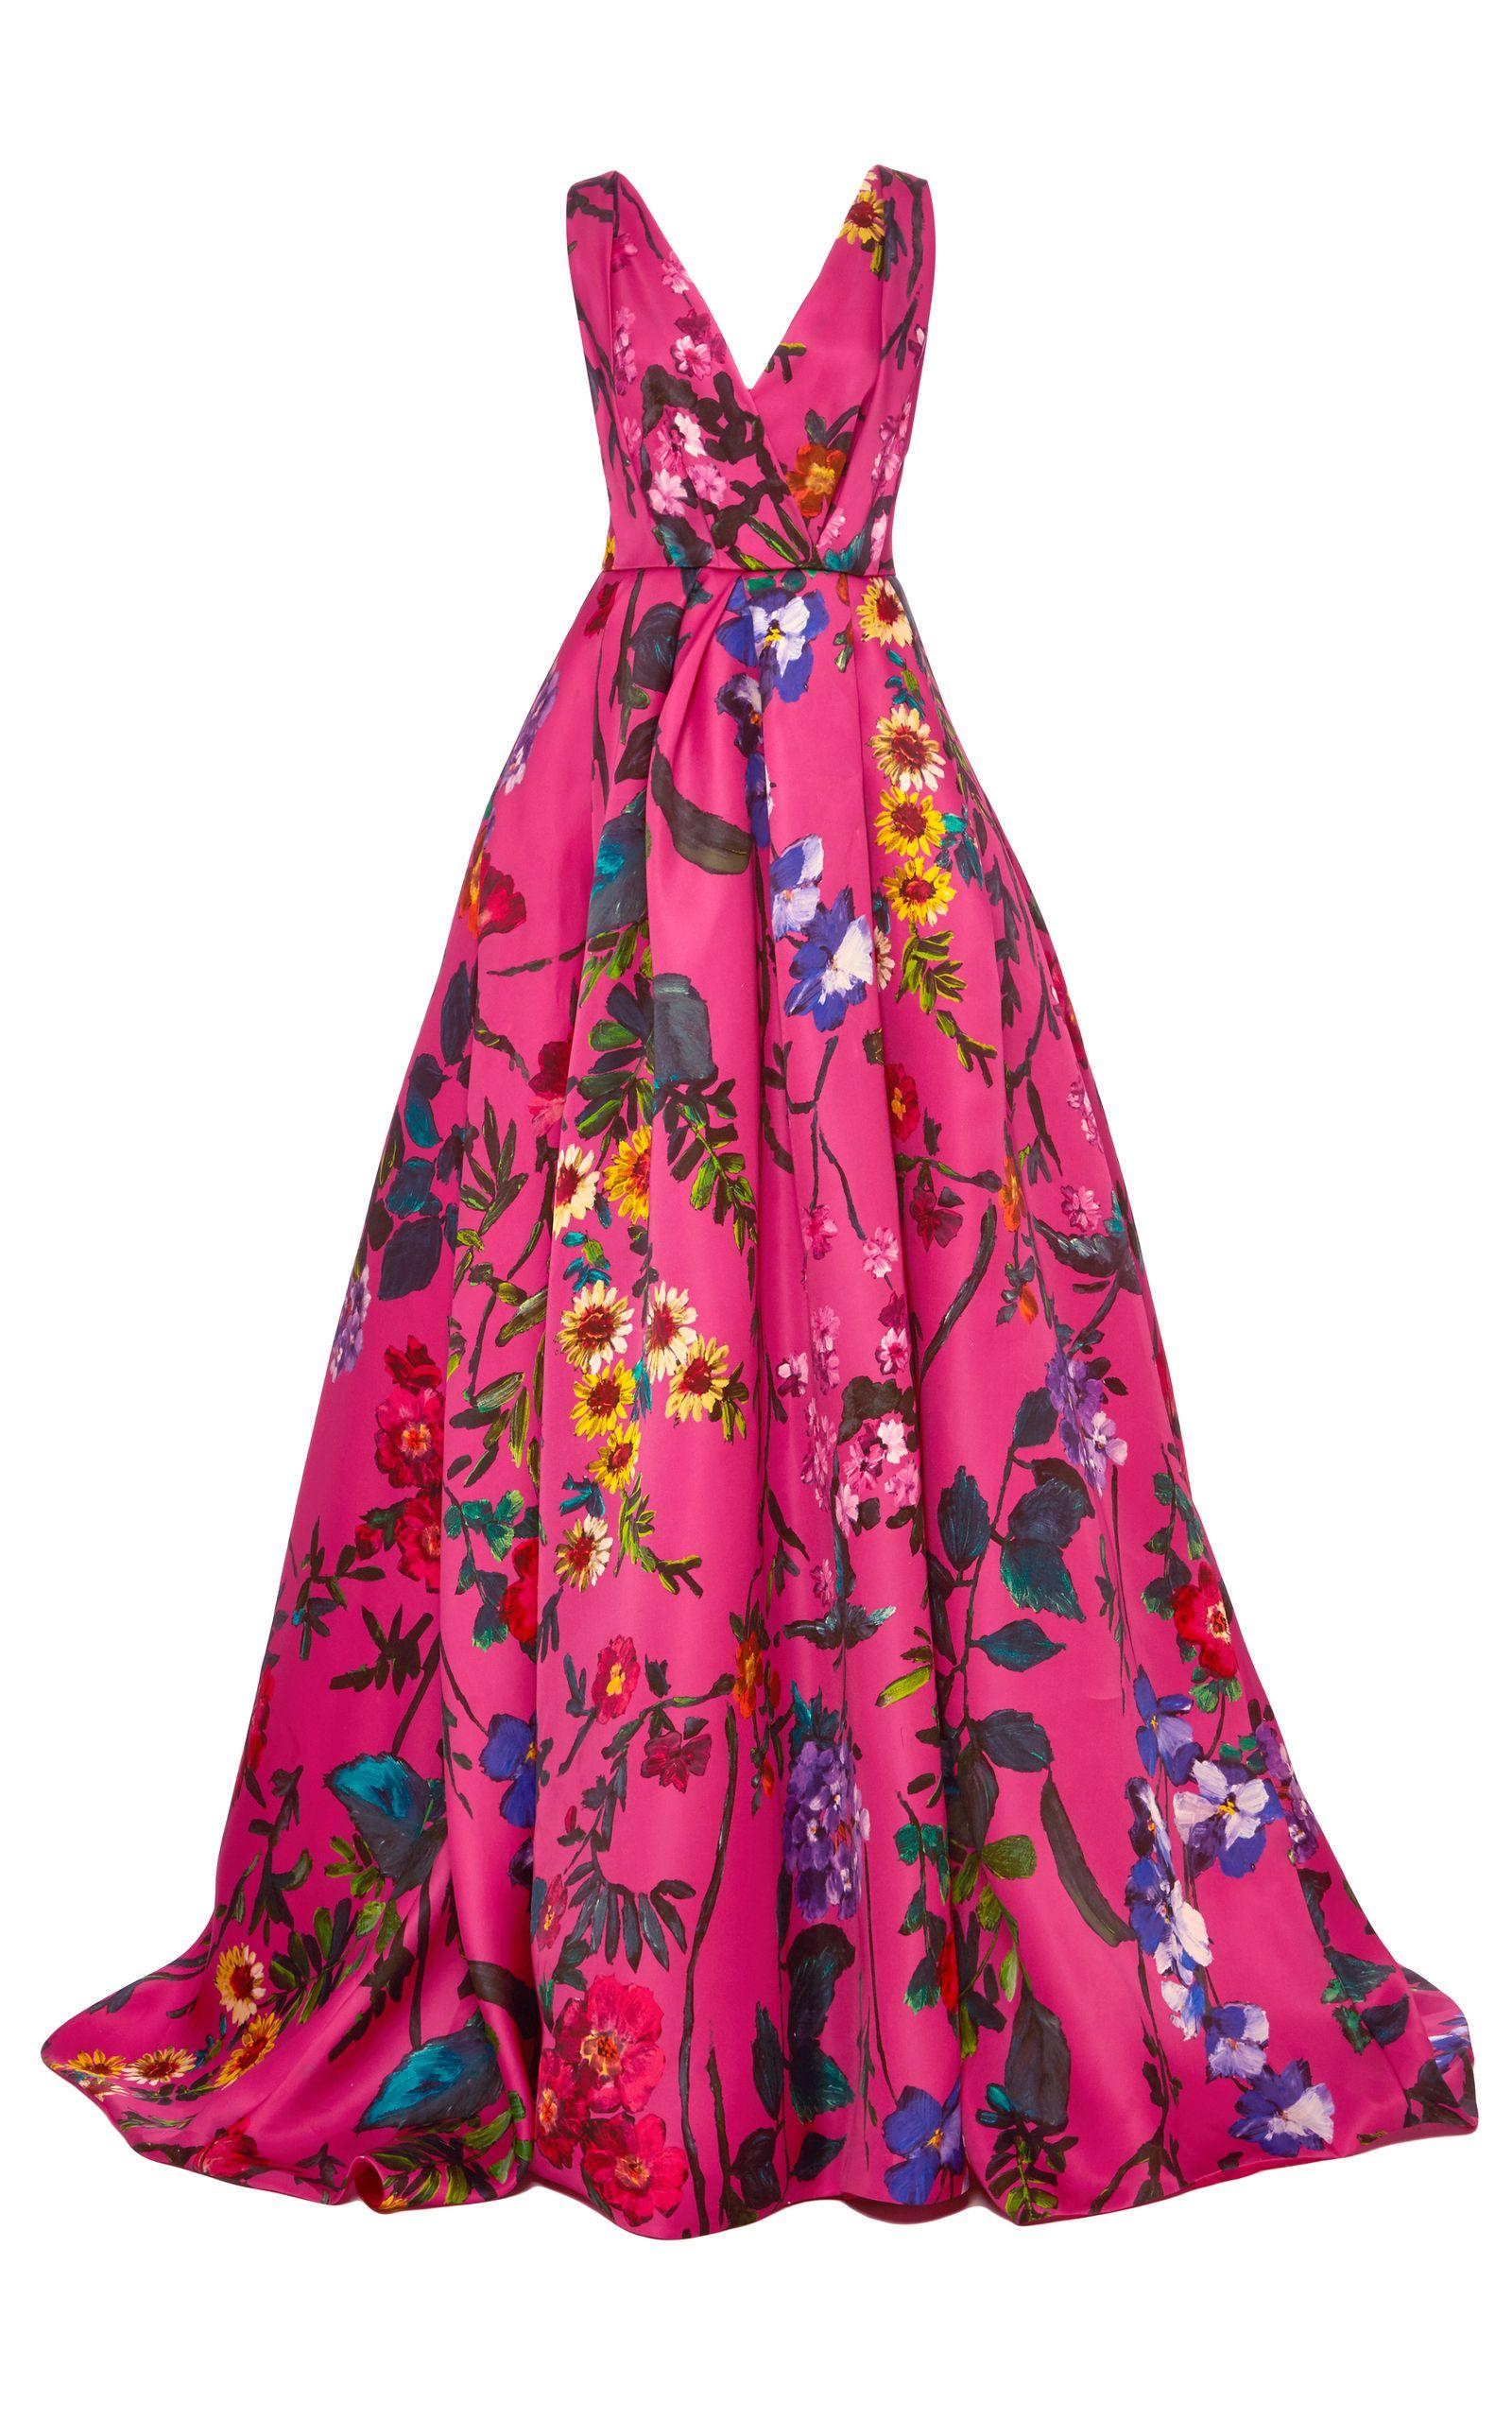 Monique Lhuillier Sleeveless Floral Ball Gown | Monique lhuillier ...